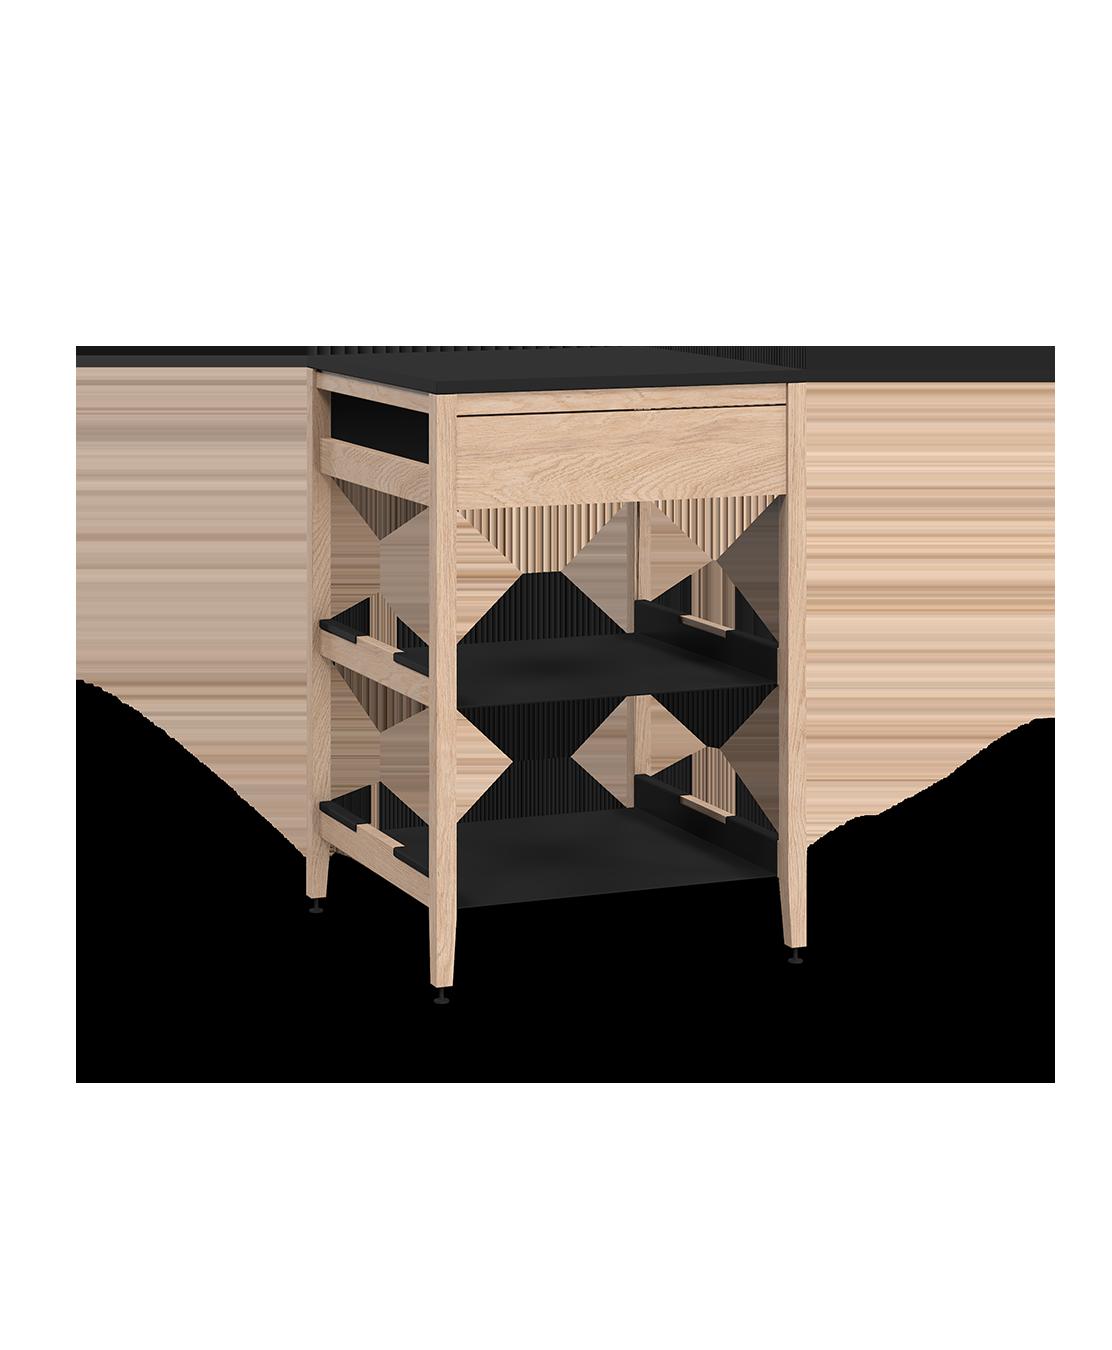 armoire de cuisine de coin modulaire inférieure en bois massif coquo radix avec 2 tablettes façade fixe chêne blanc 24 pouces C1-CC-24SB-0022-NA